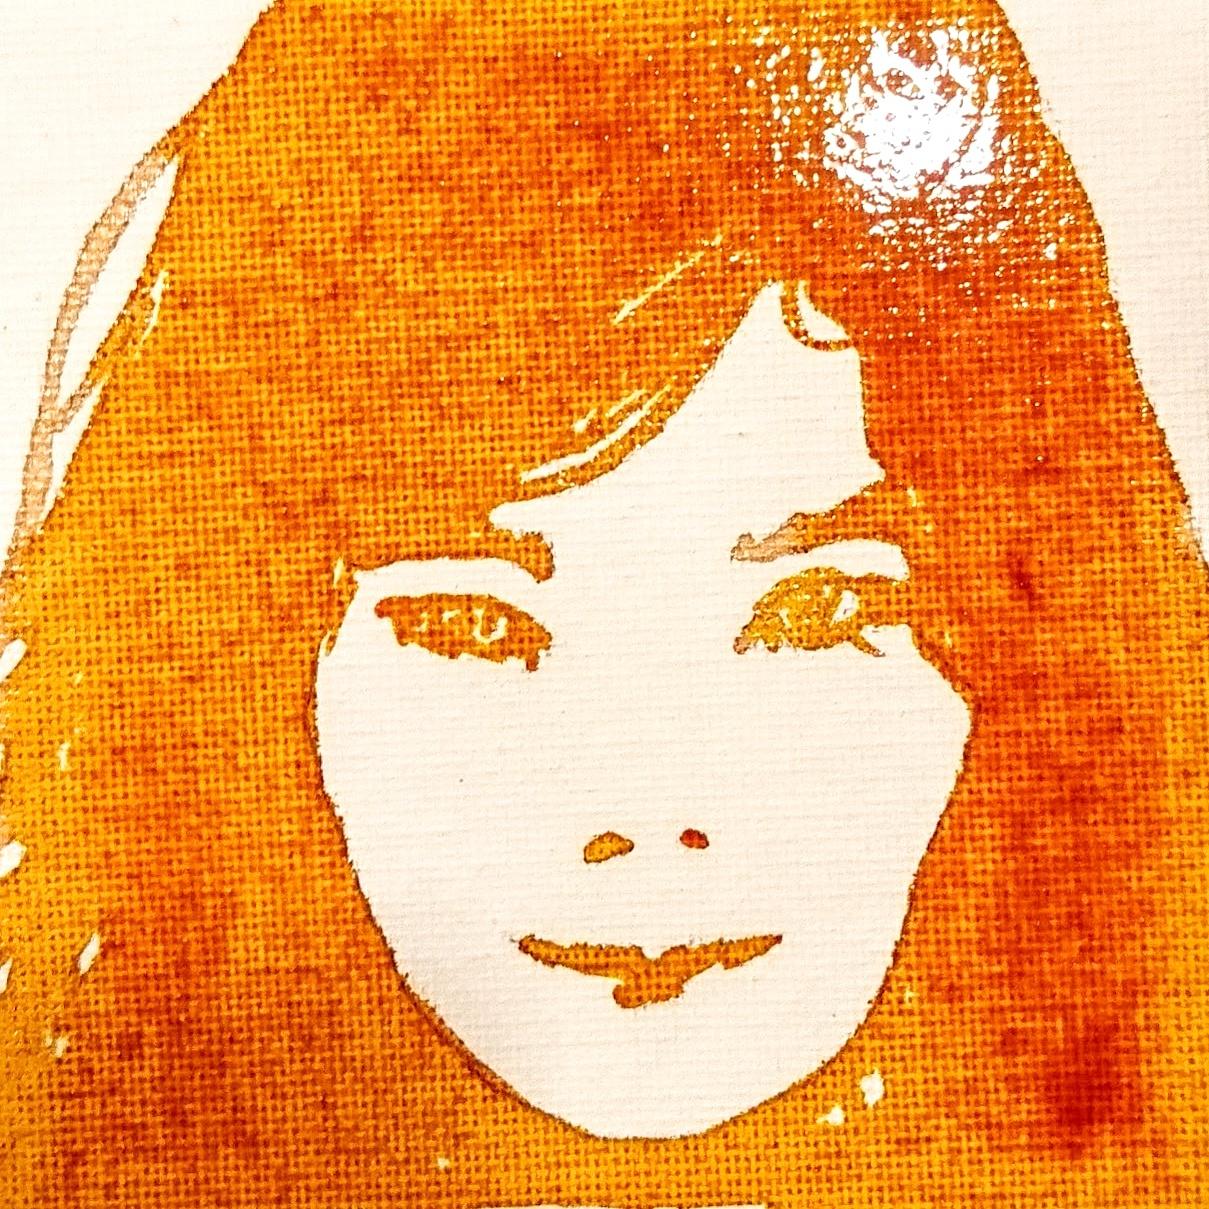 Björk, singer